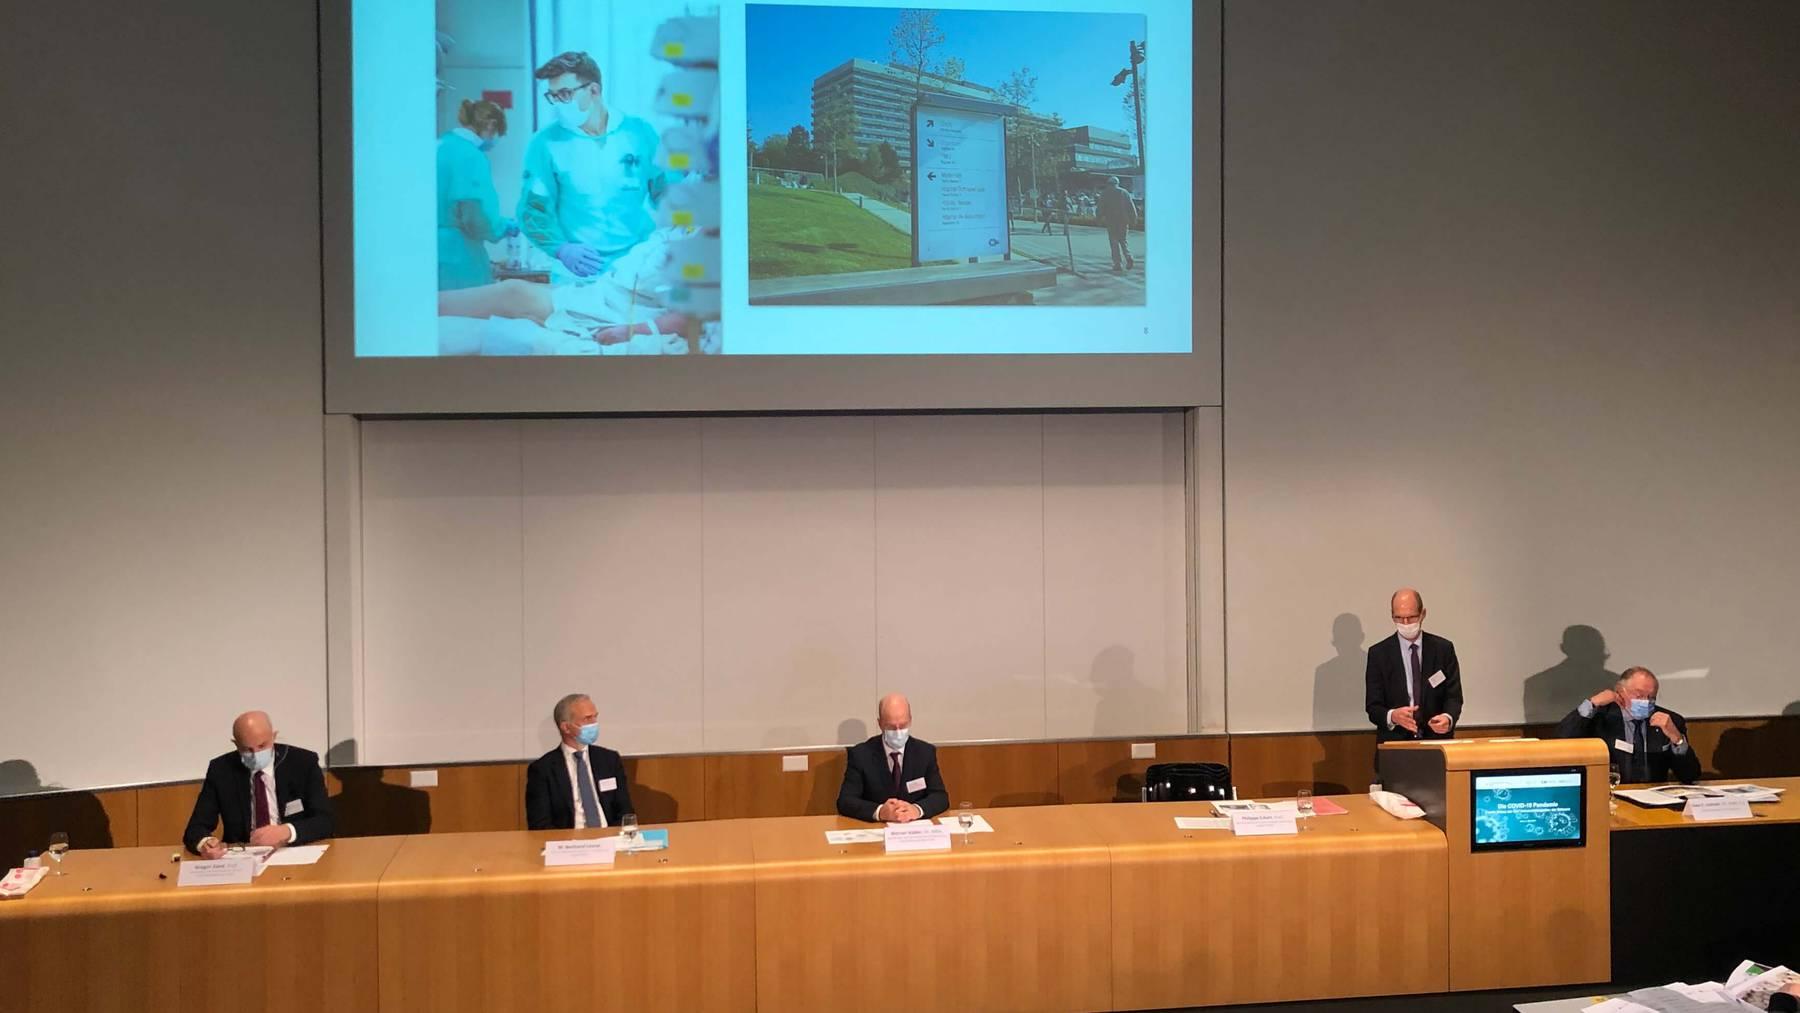 Universitätsspital_BERN1